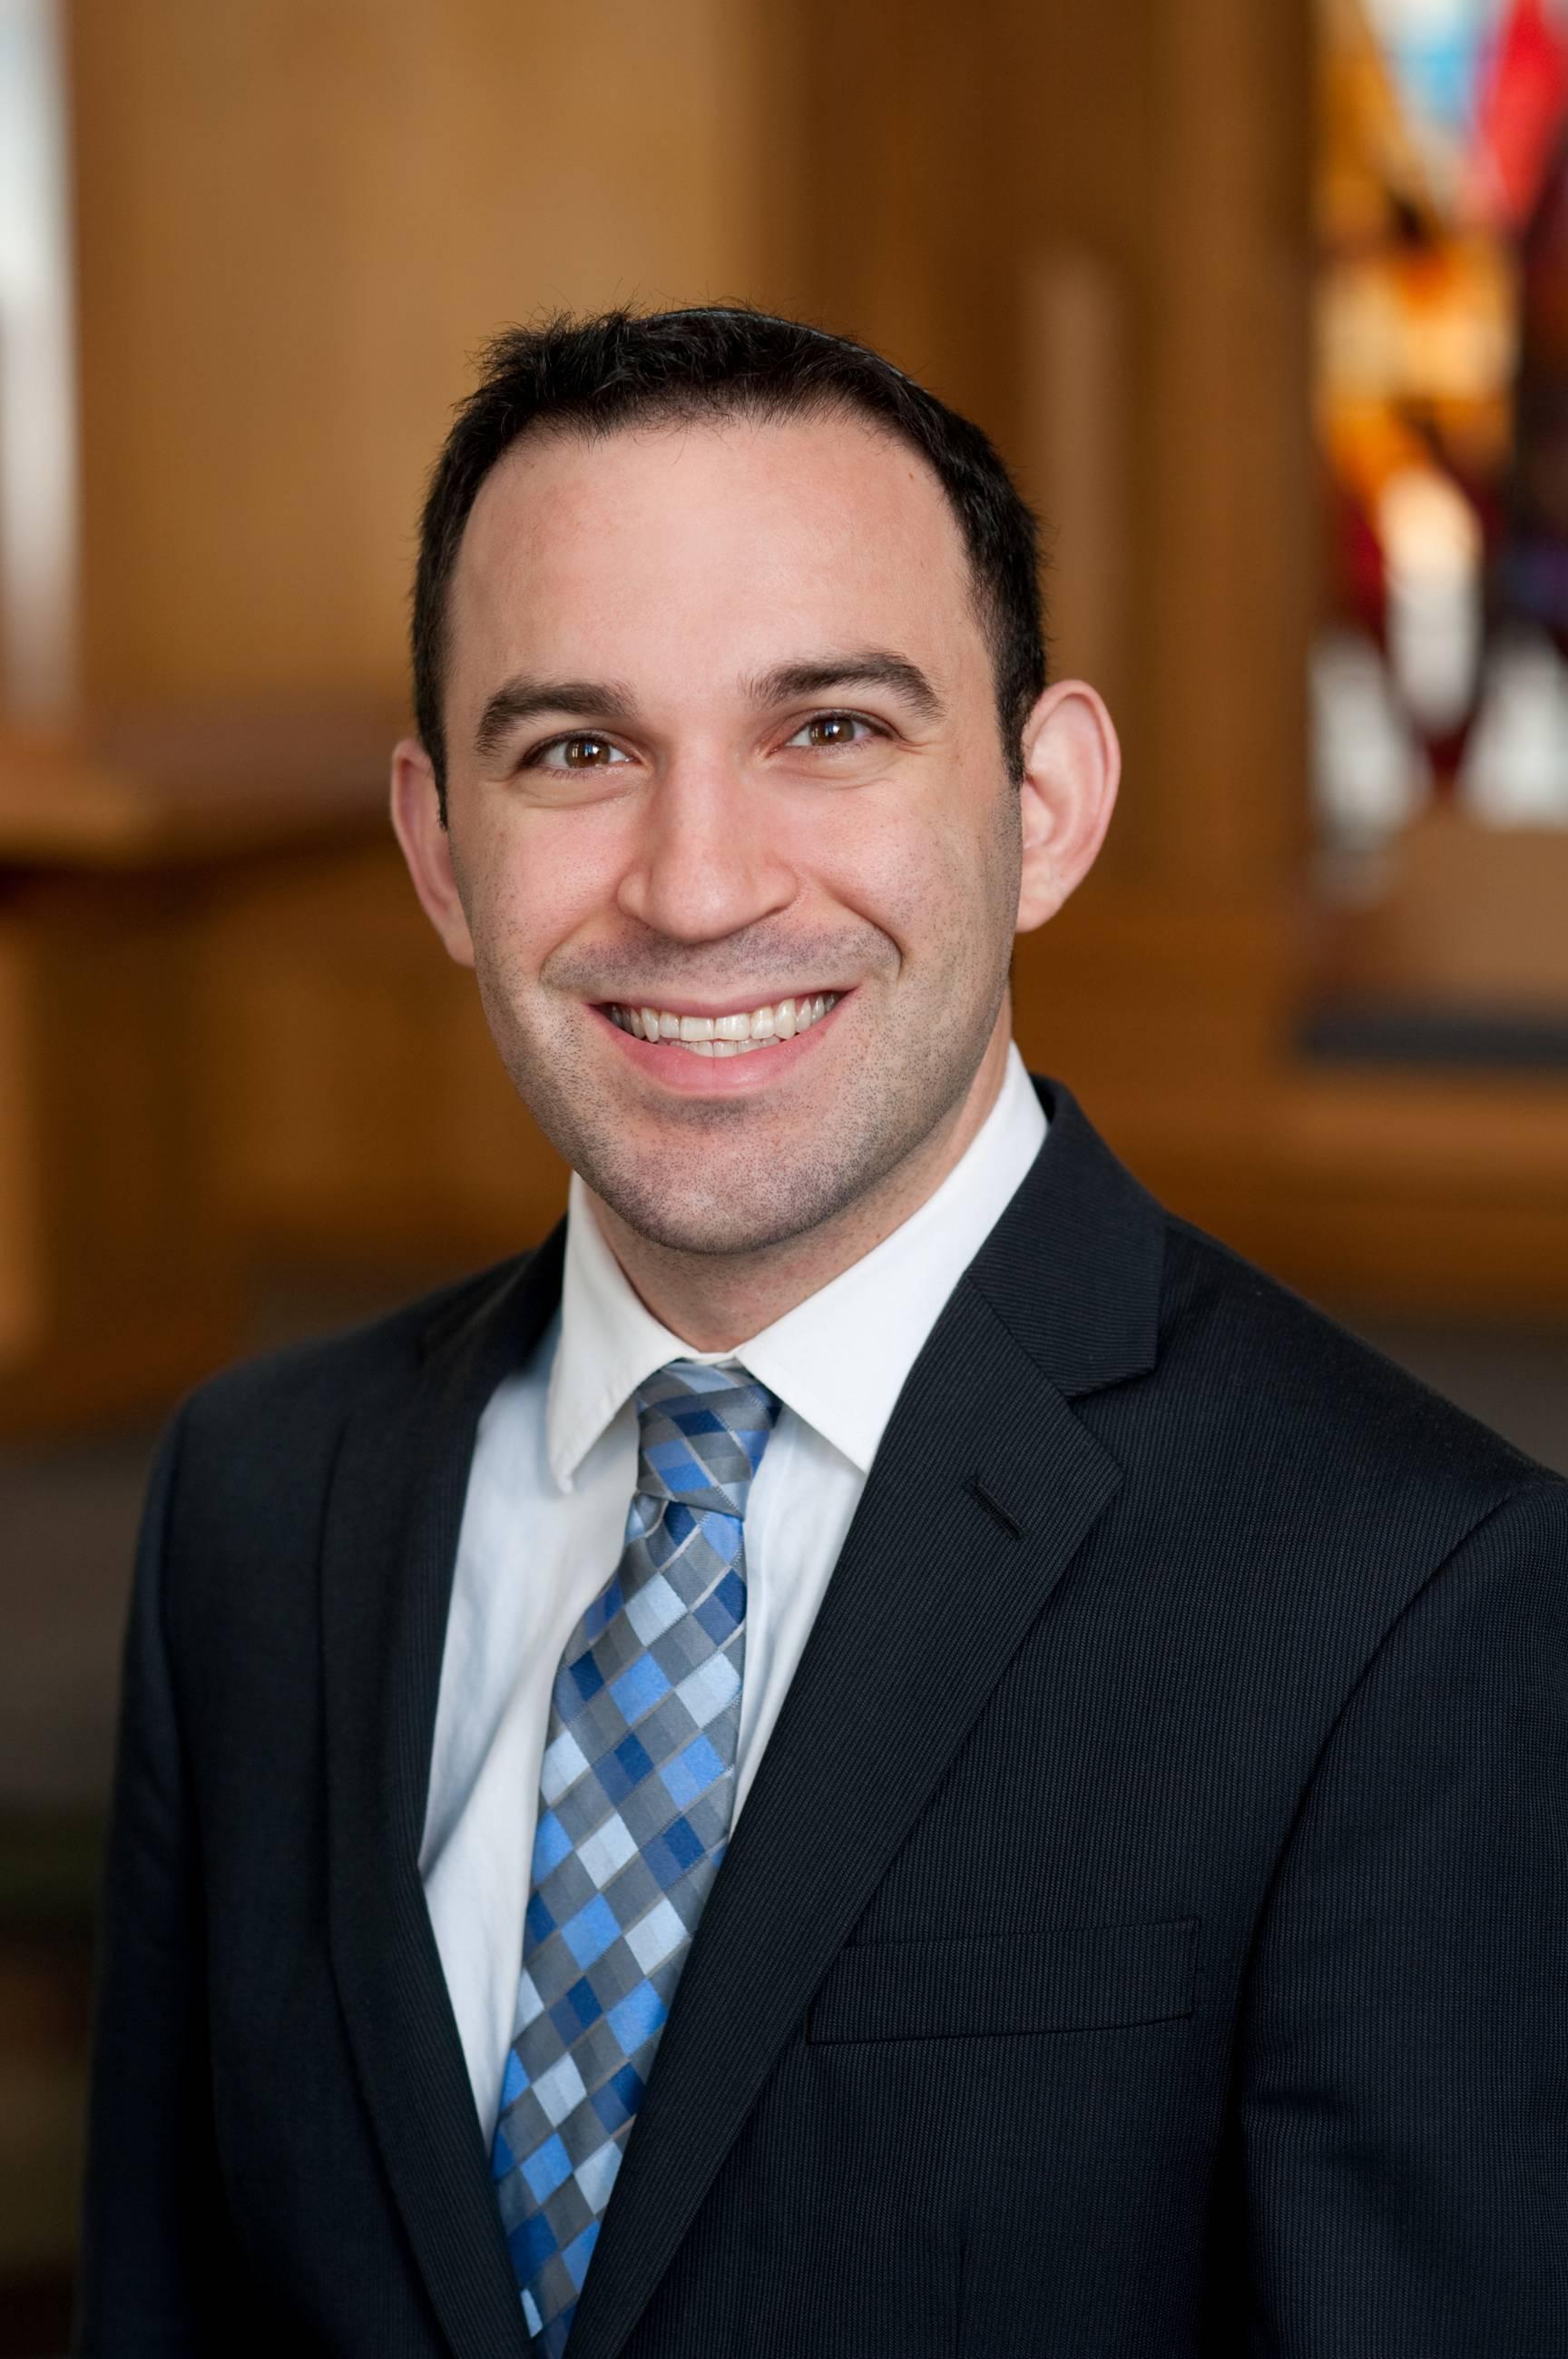 Rabbi Hillel Konigsburg headshot